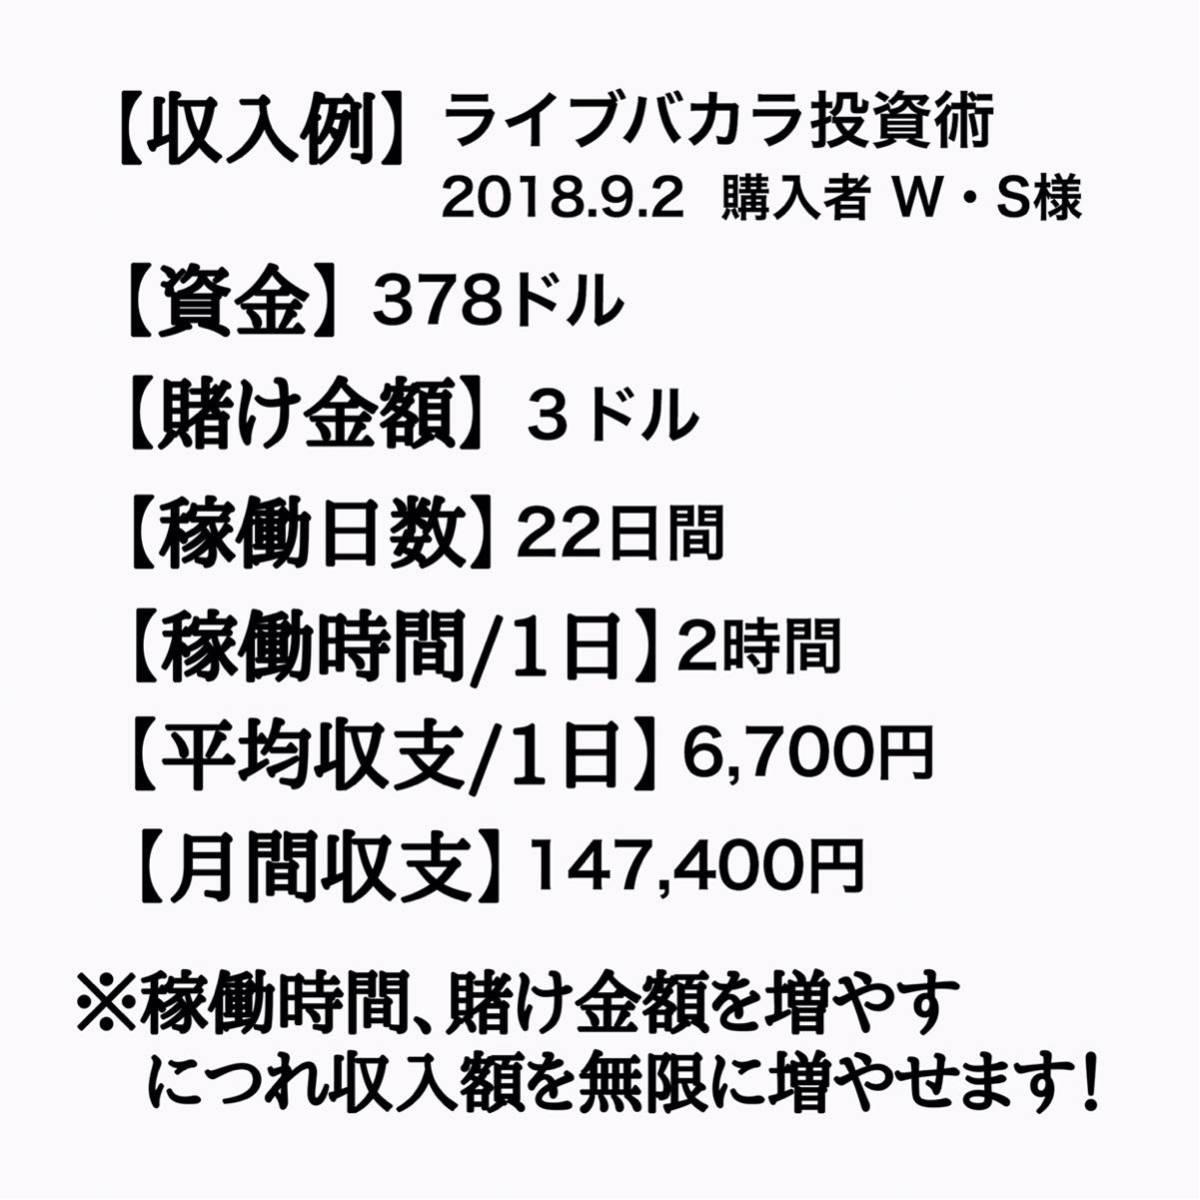 《先着3名様限定》通常価格¥90,000円⇒先着限定価格¥6,980円 完全オリジナル極秘投資術セット 攻略法 仮想通貨 FX 投資 カジノ 副業_画像7